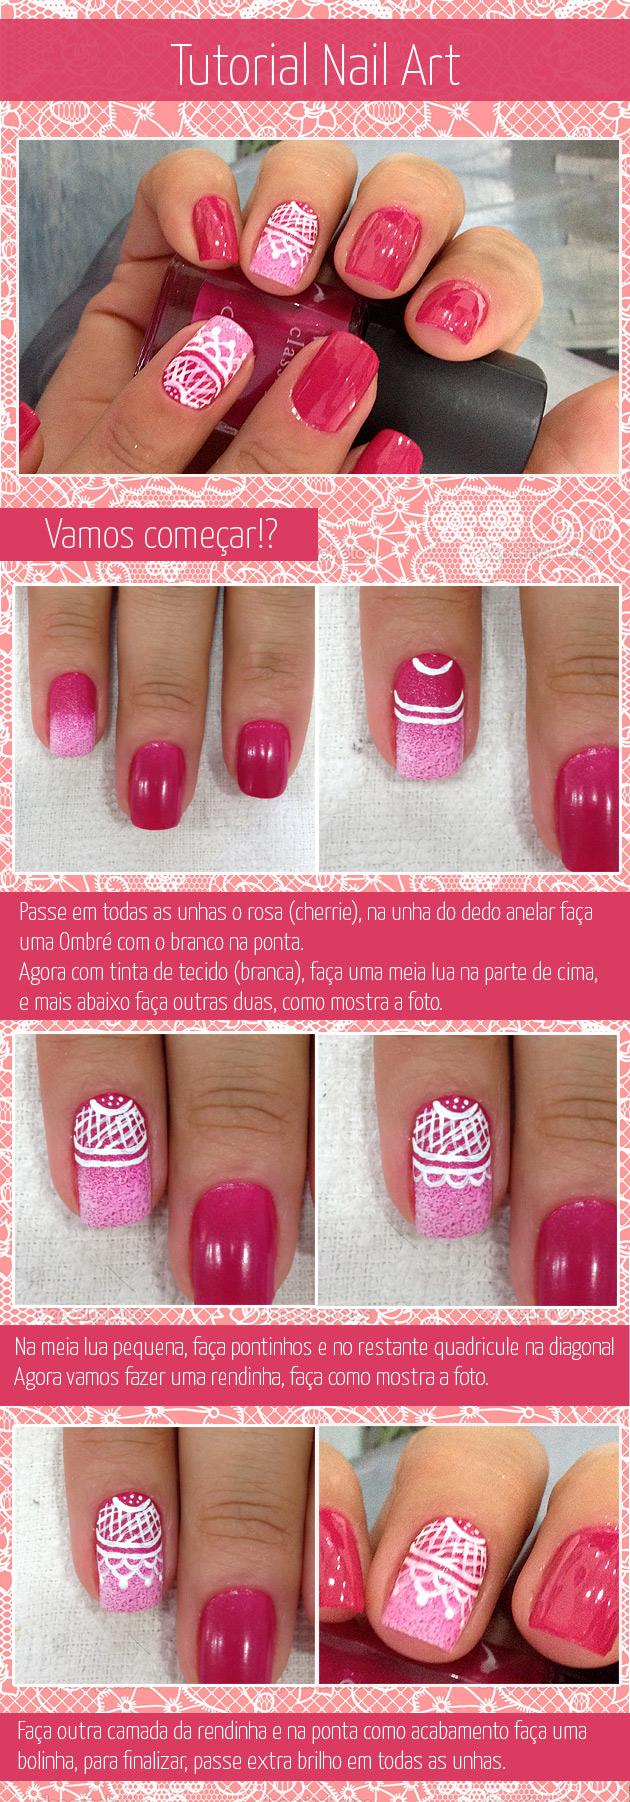 TUTORIAL NAIL ART UNHA DECORADA RENDA unha rendada unha com renda esmalte rosa